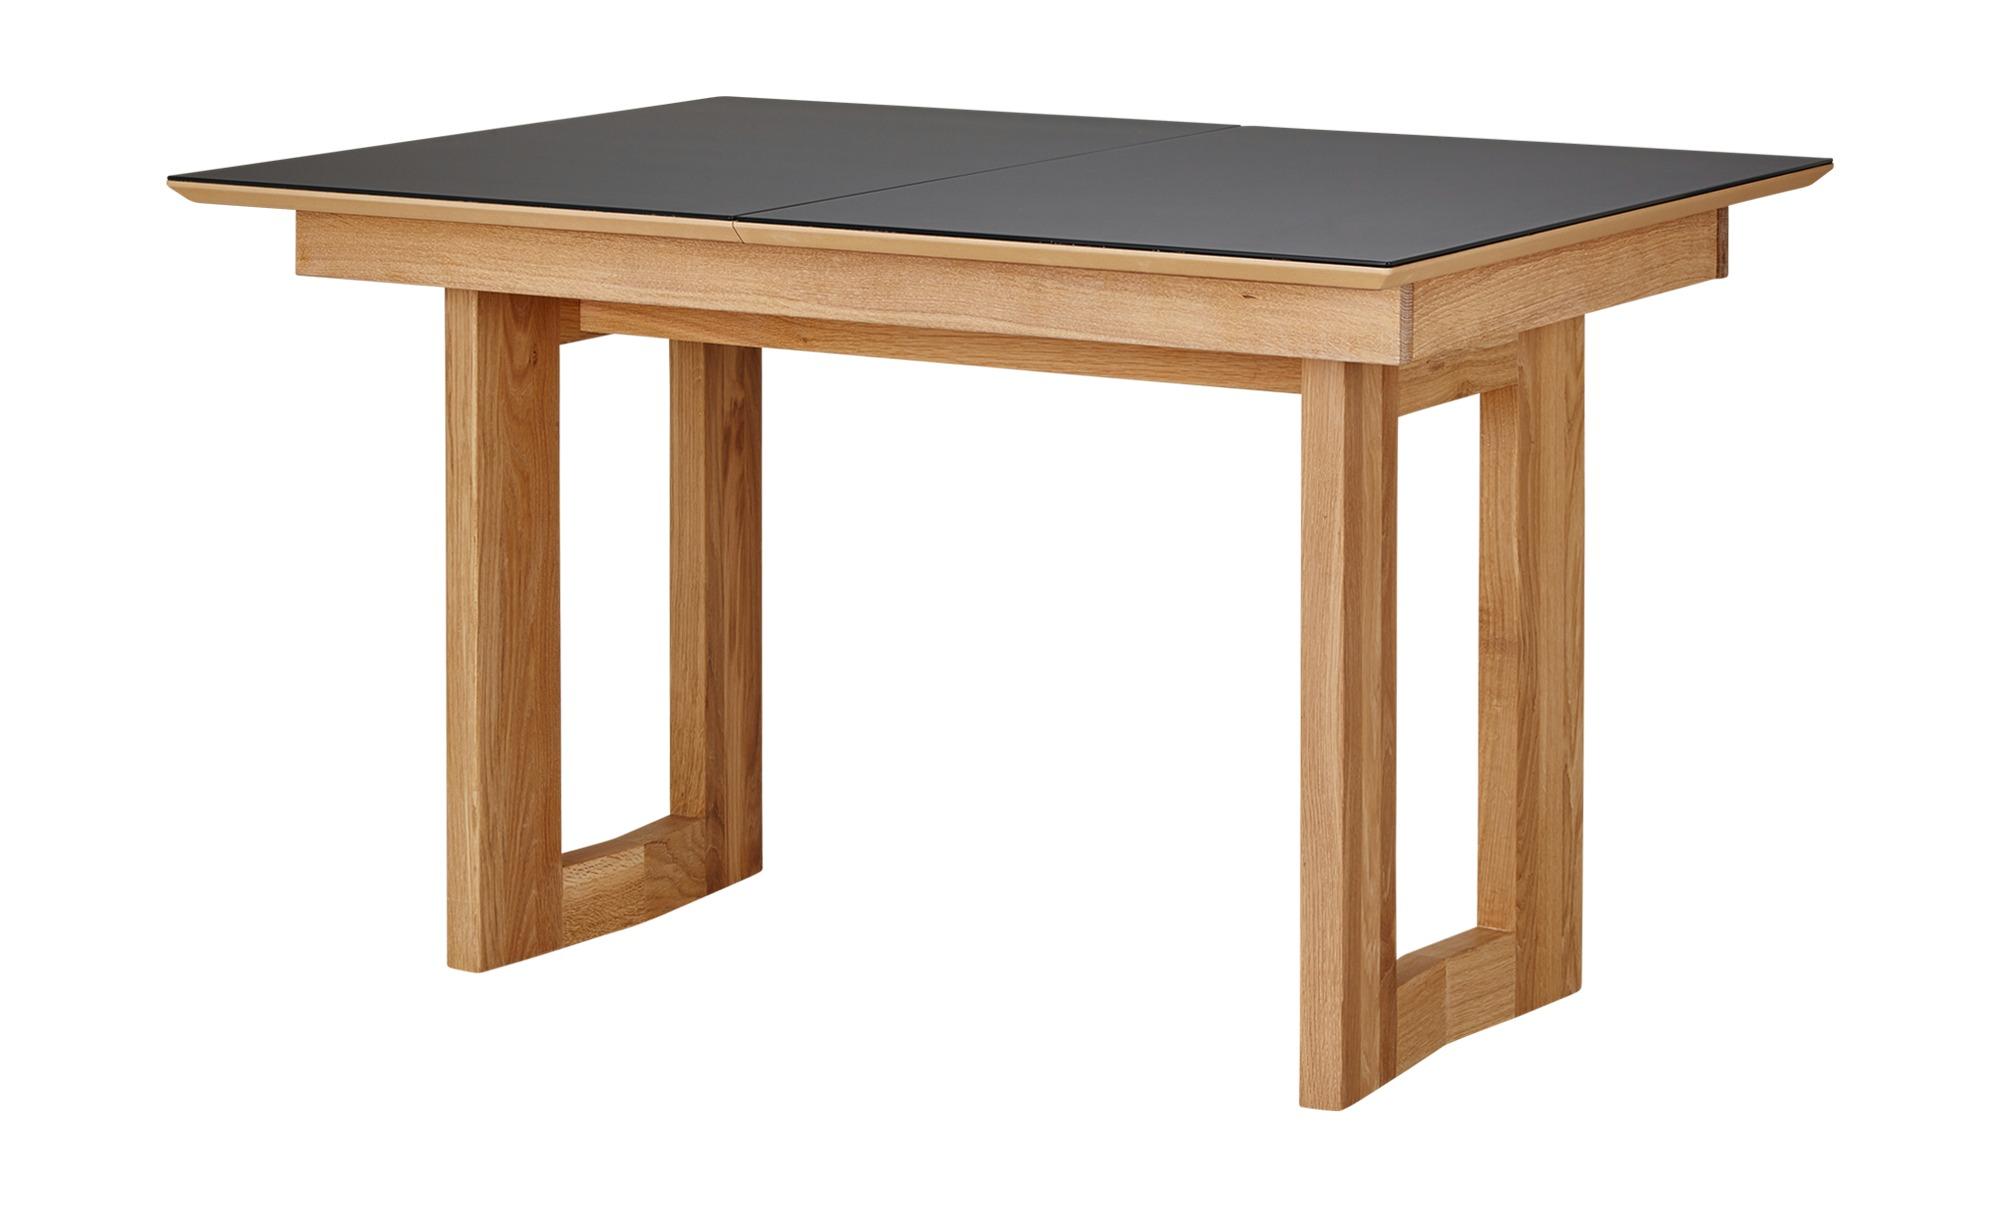 Woodford Esstisch  Tash ¦ holzfarben ¦ Maße (cm): B: 90 H: 76,3 Tische > Esstische > Esstische eckig - Höffner